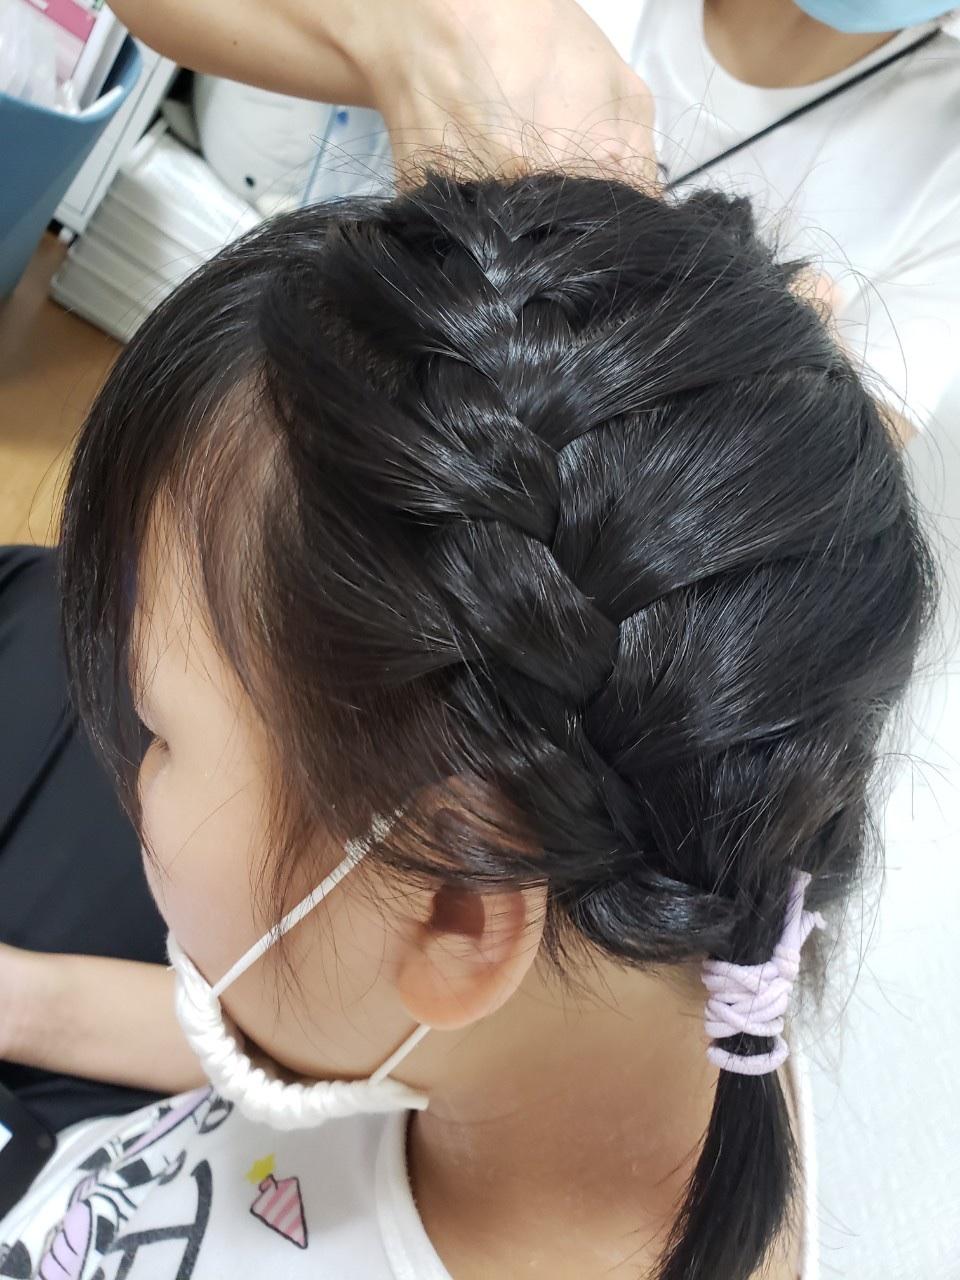 funfun_picture_089